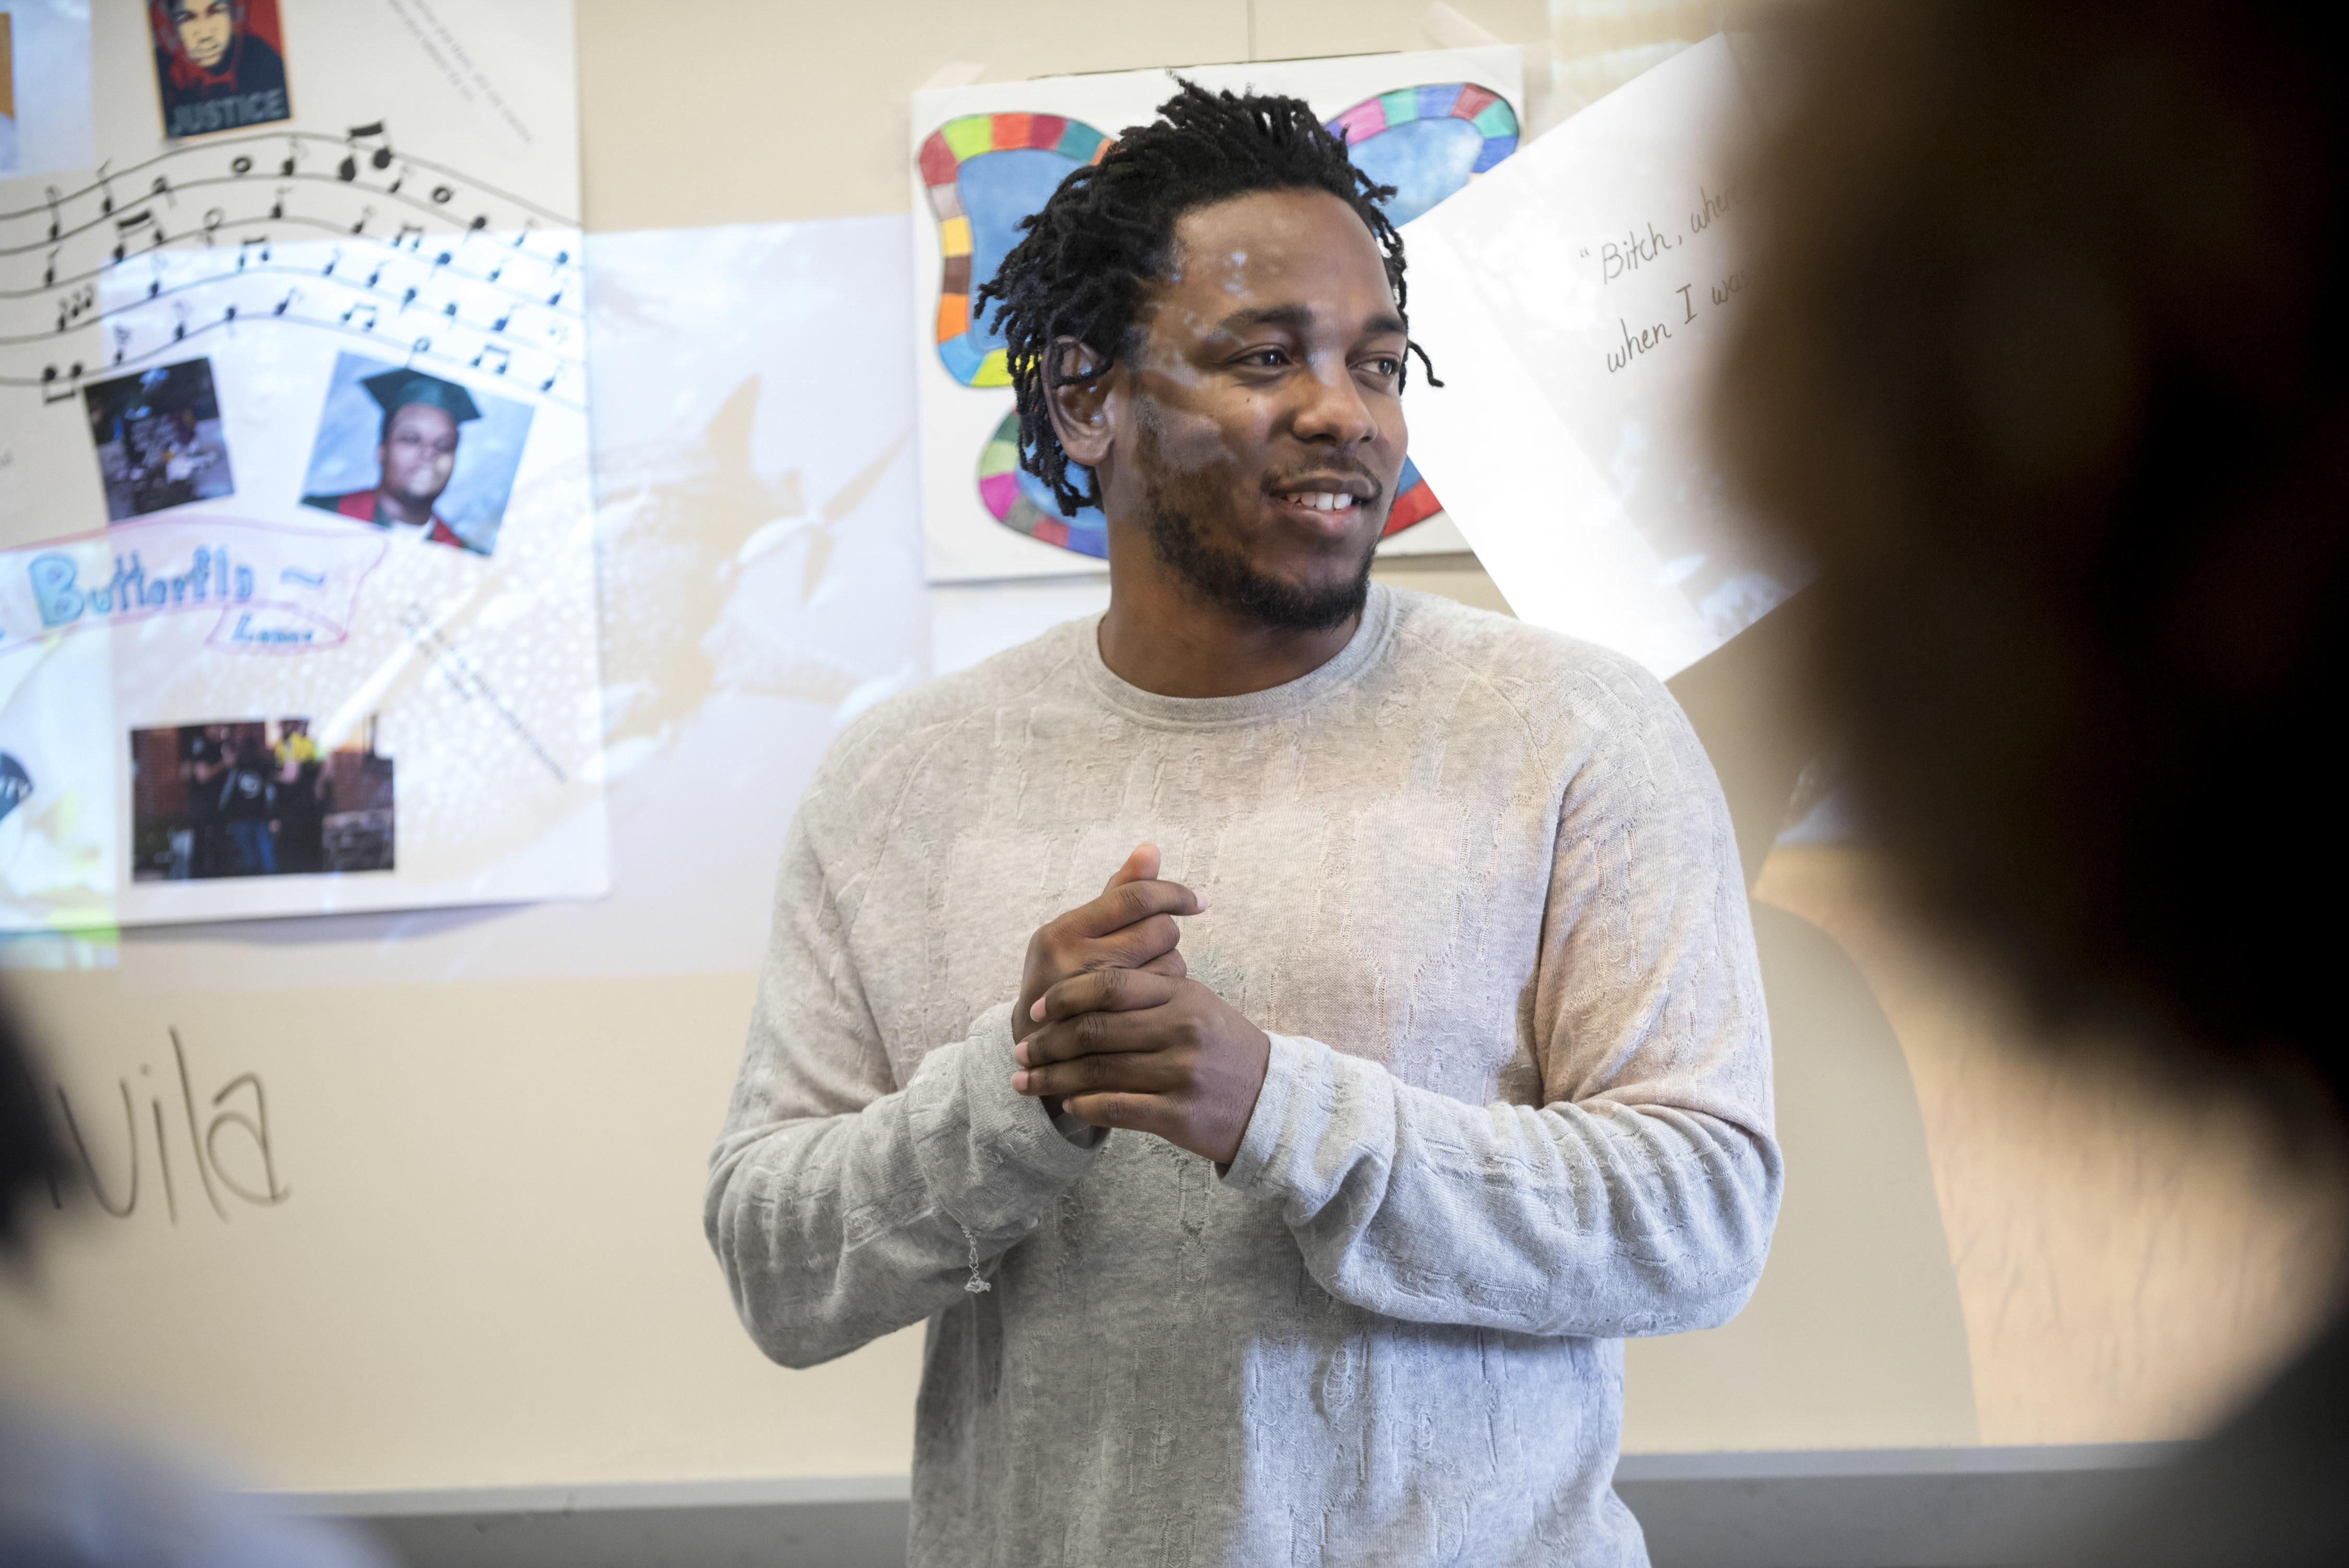 Kendrick Lamar Blows Teens' Minds, Hears Their Poetry at NJ High School